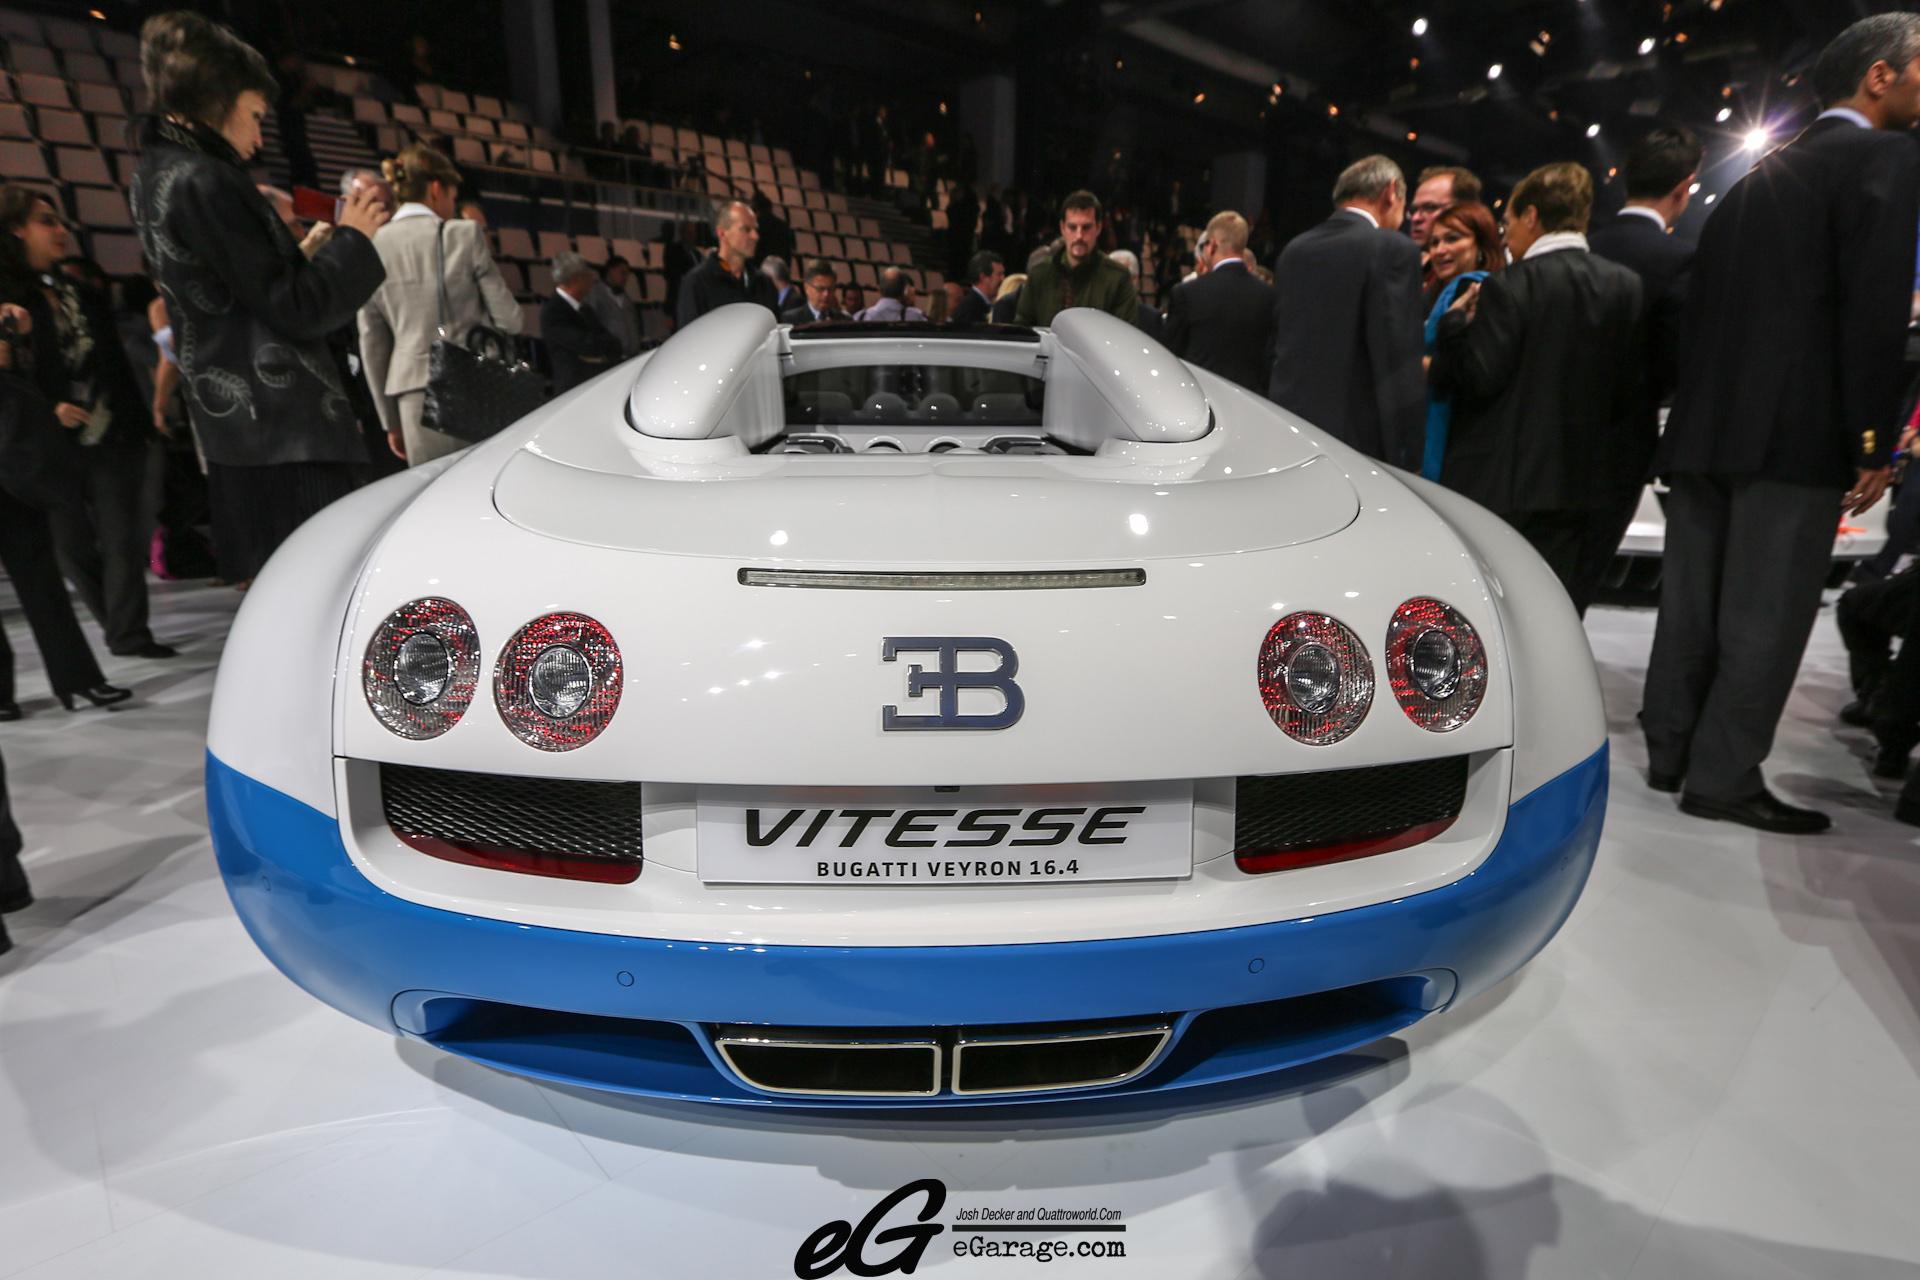 8030394831 66cbd86b45 o 2012 Paris Motor Show